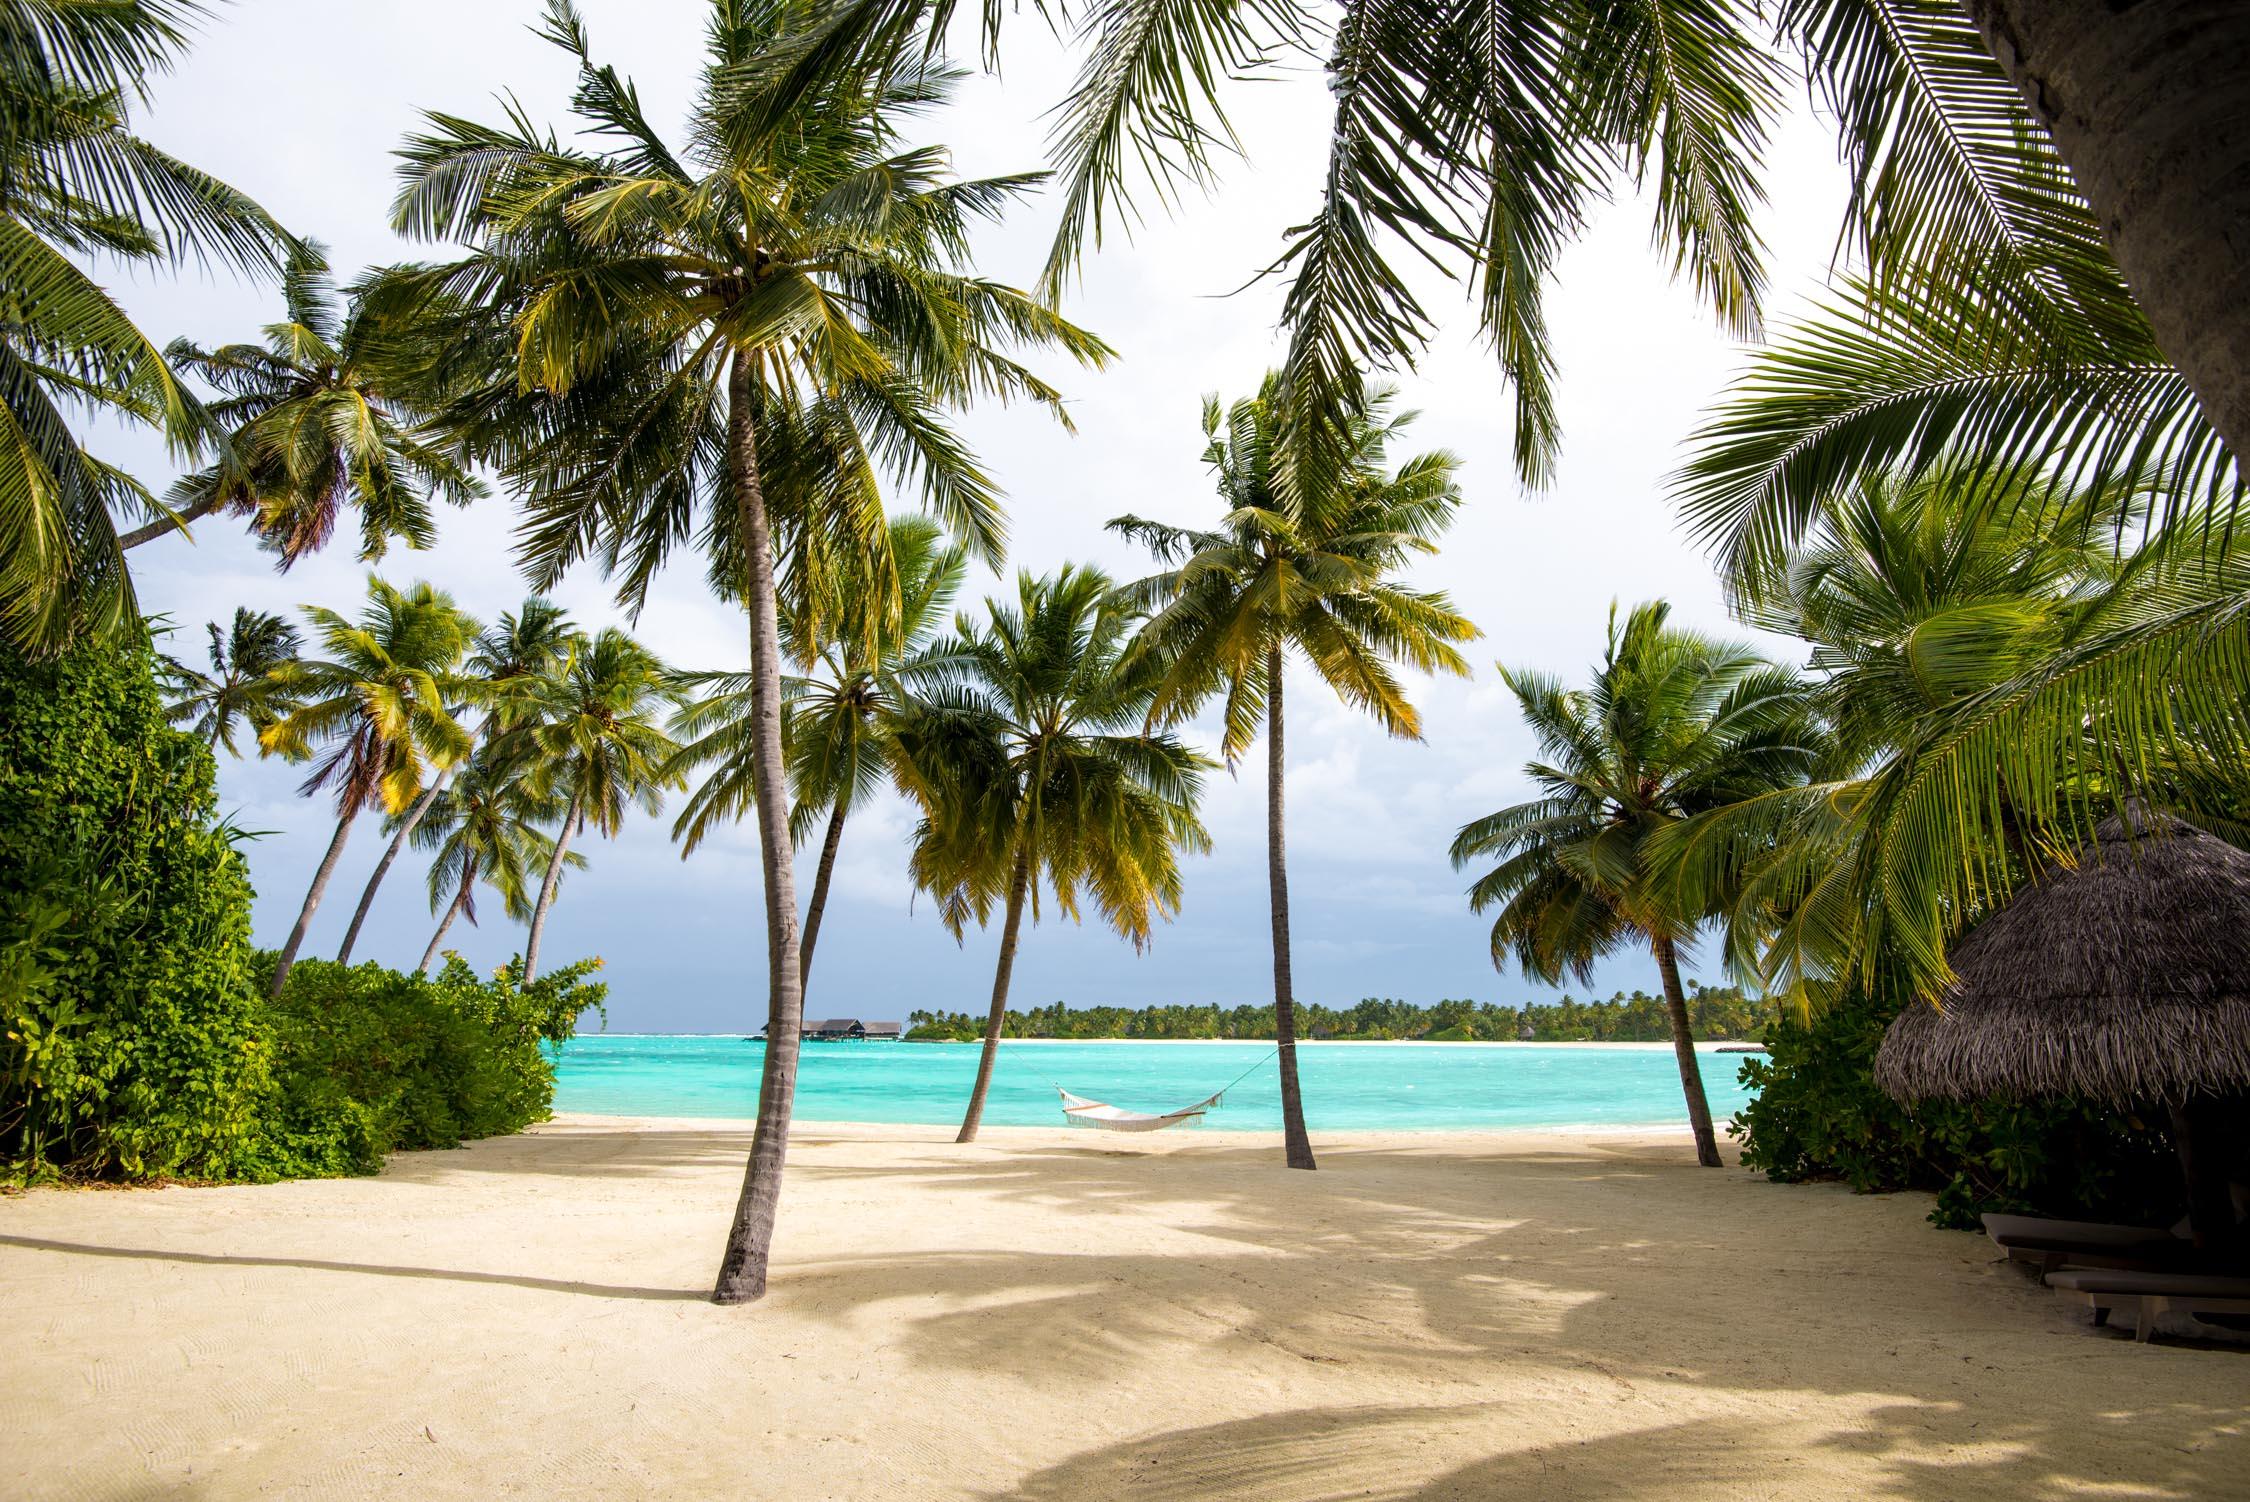 Maldives_Reethi-Rah-101-20170520.jpg